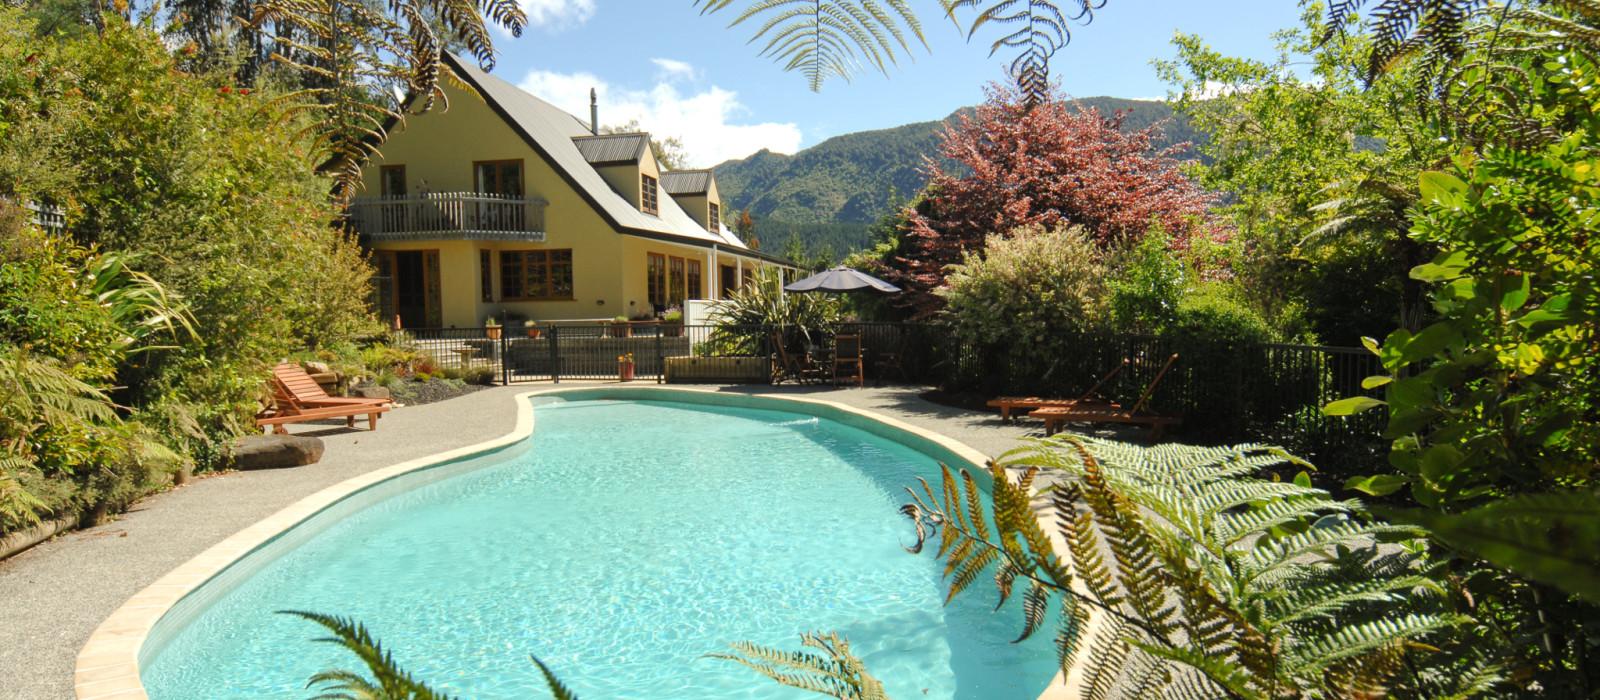 Hotel The Resurgence New Zealand